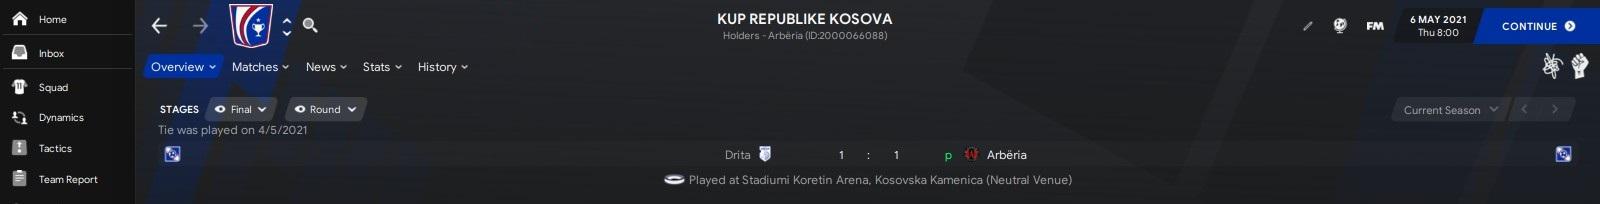 KRK Final 2021.jpg